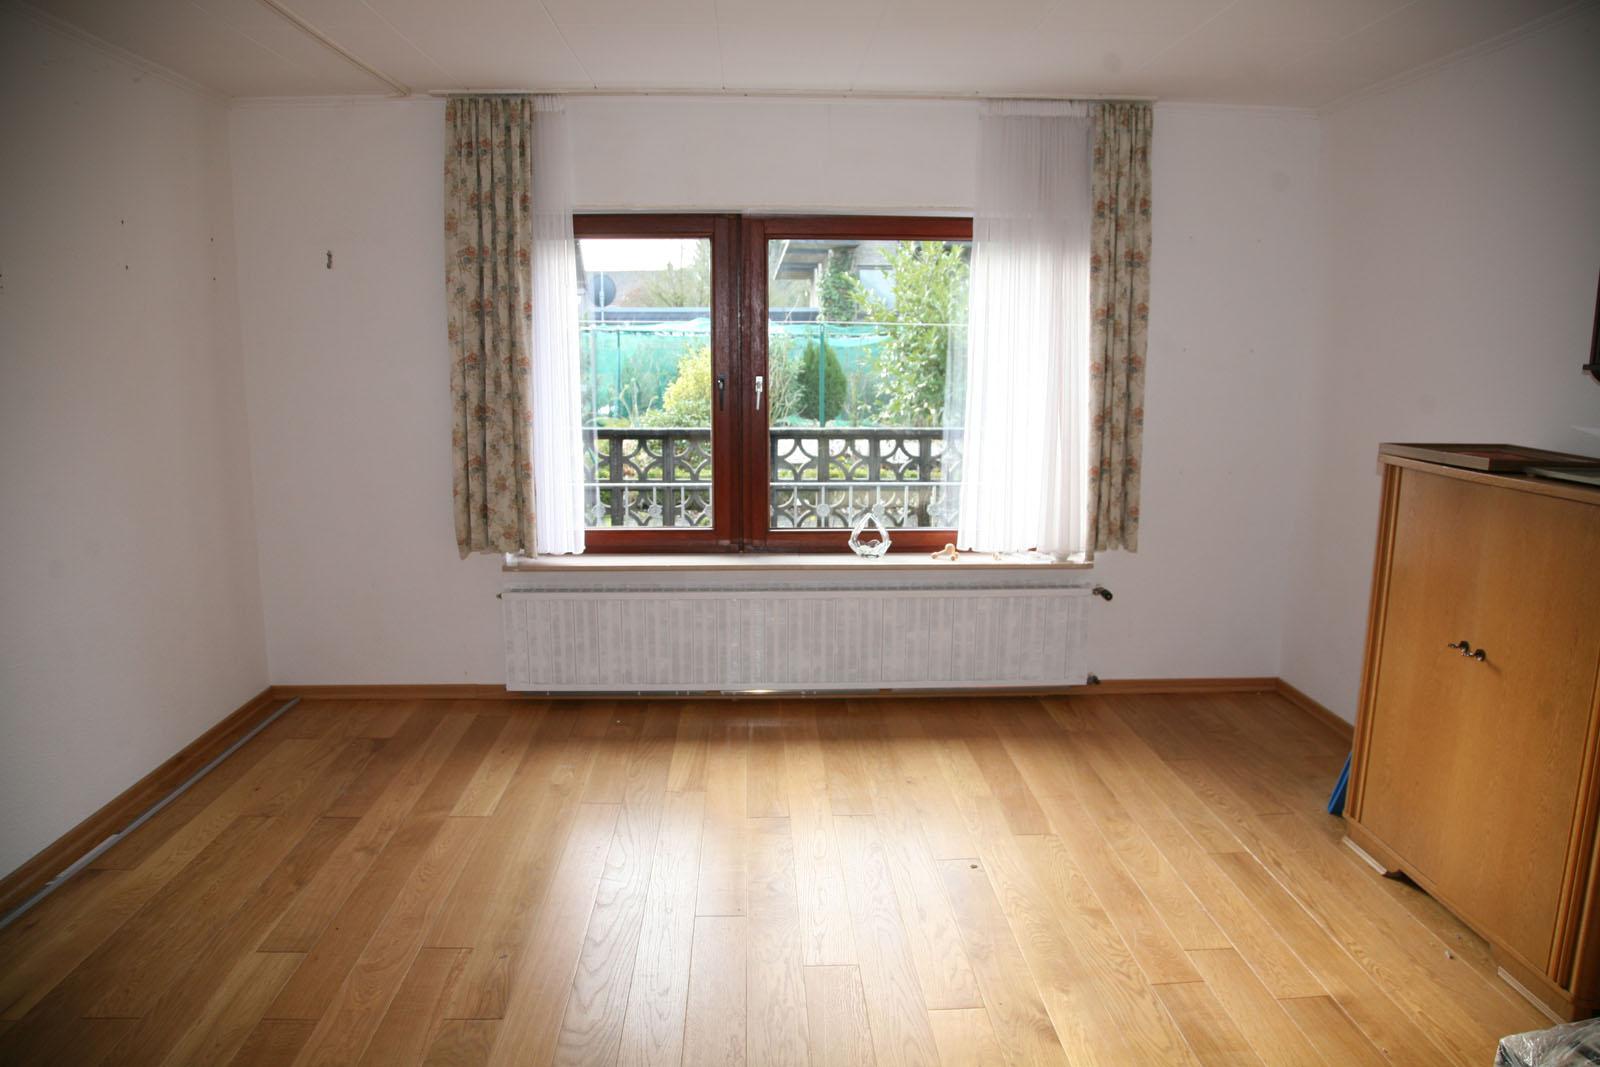 80 286 bungalow in uedem. Black Bedroom Furniture Sets. Home Design Ideas